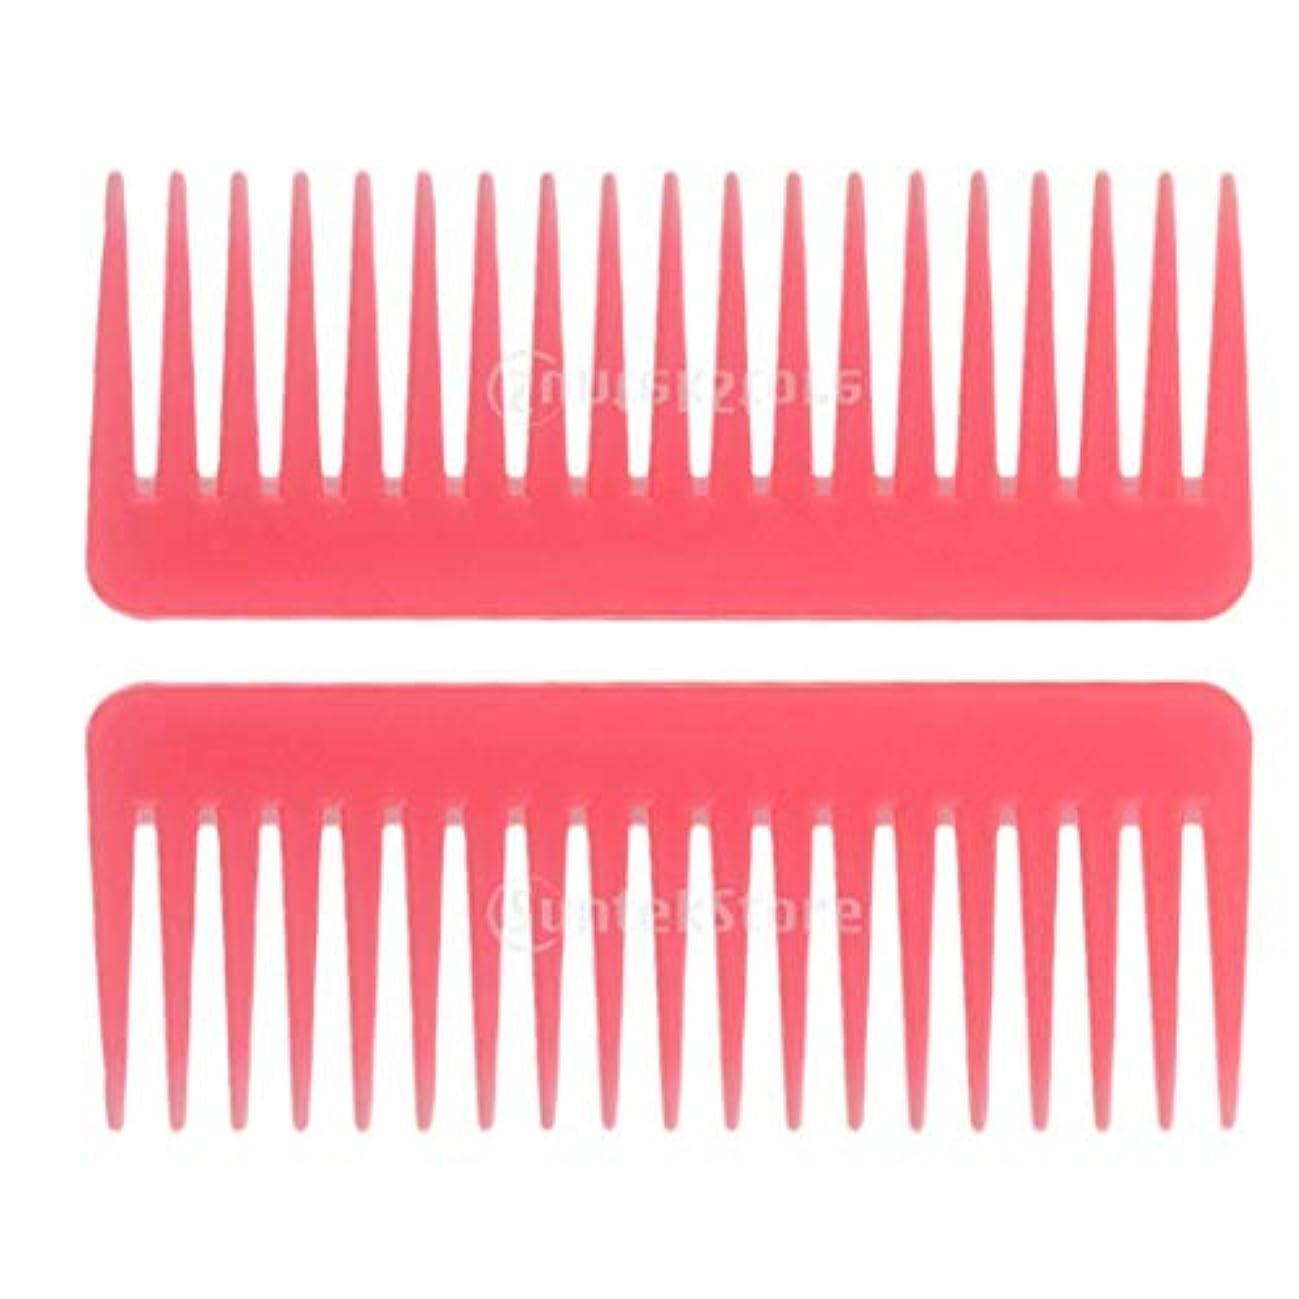 患者ファン無限大SM SunniMix ヘアブラシ ヘアコーム 静電気防止櫛 広い歯コーム マッサージ サロン 理髪店 ツール 2個セット